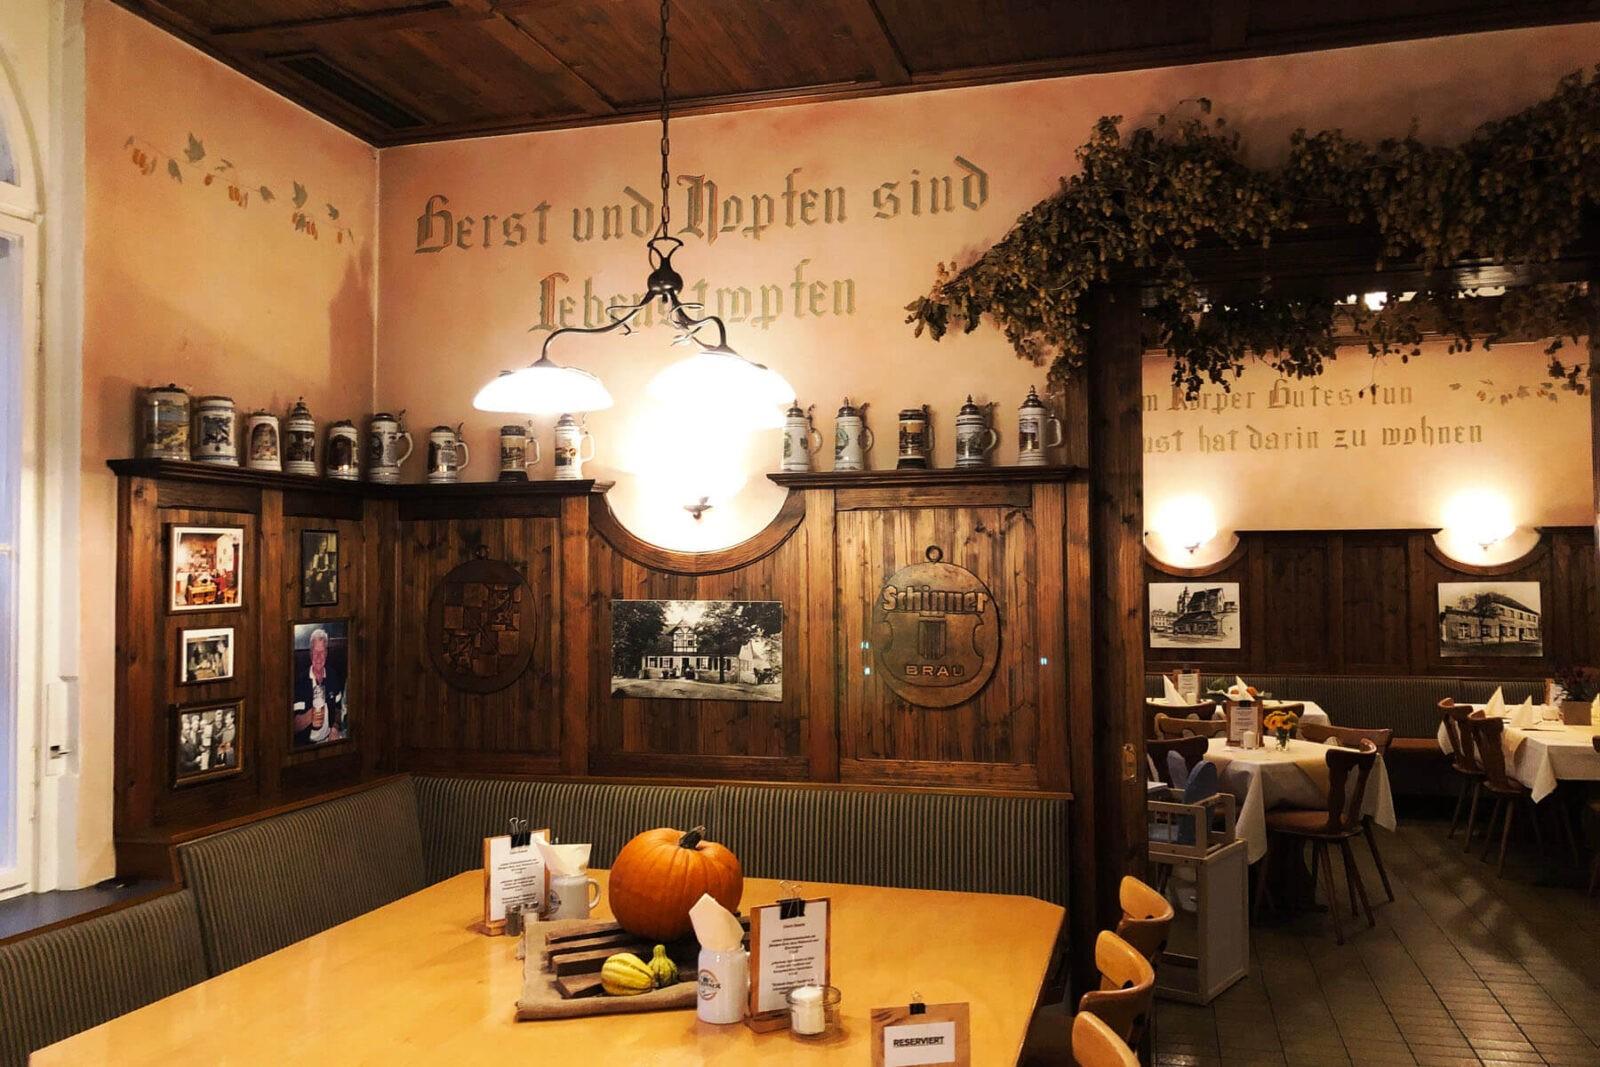 Gut essen in Bayreuth: fränkische Küche oder eher modern